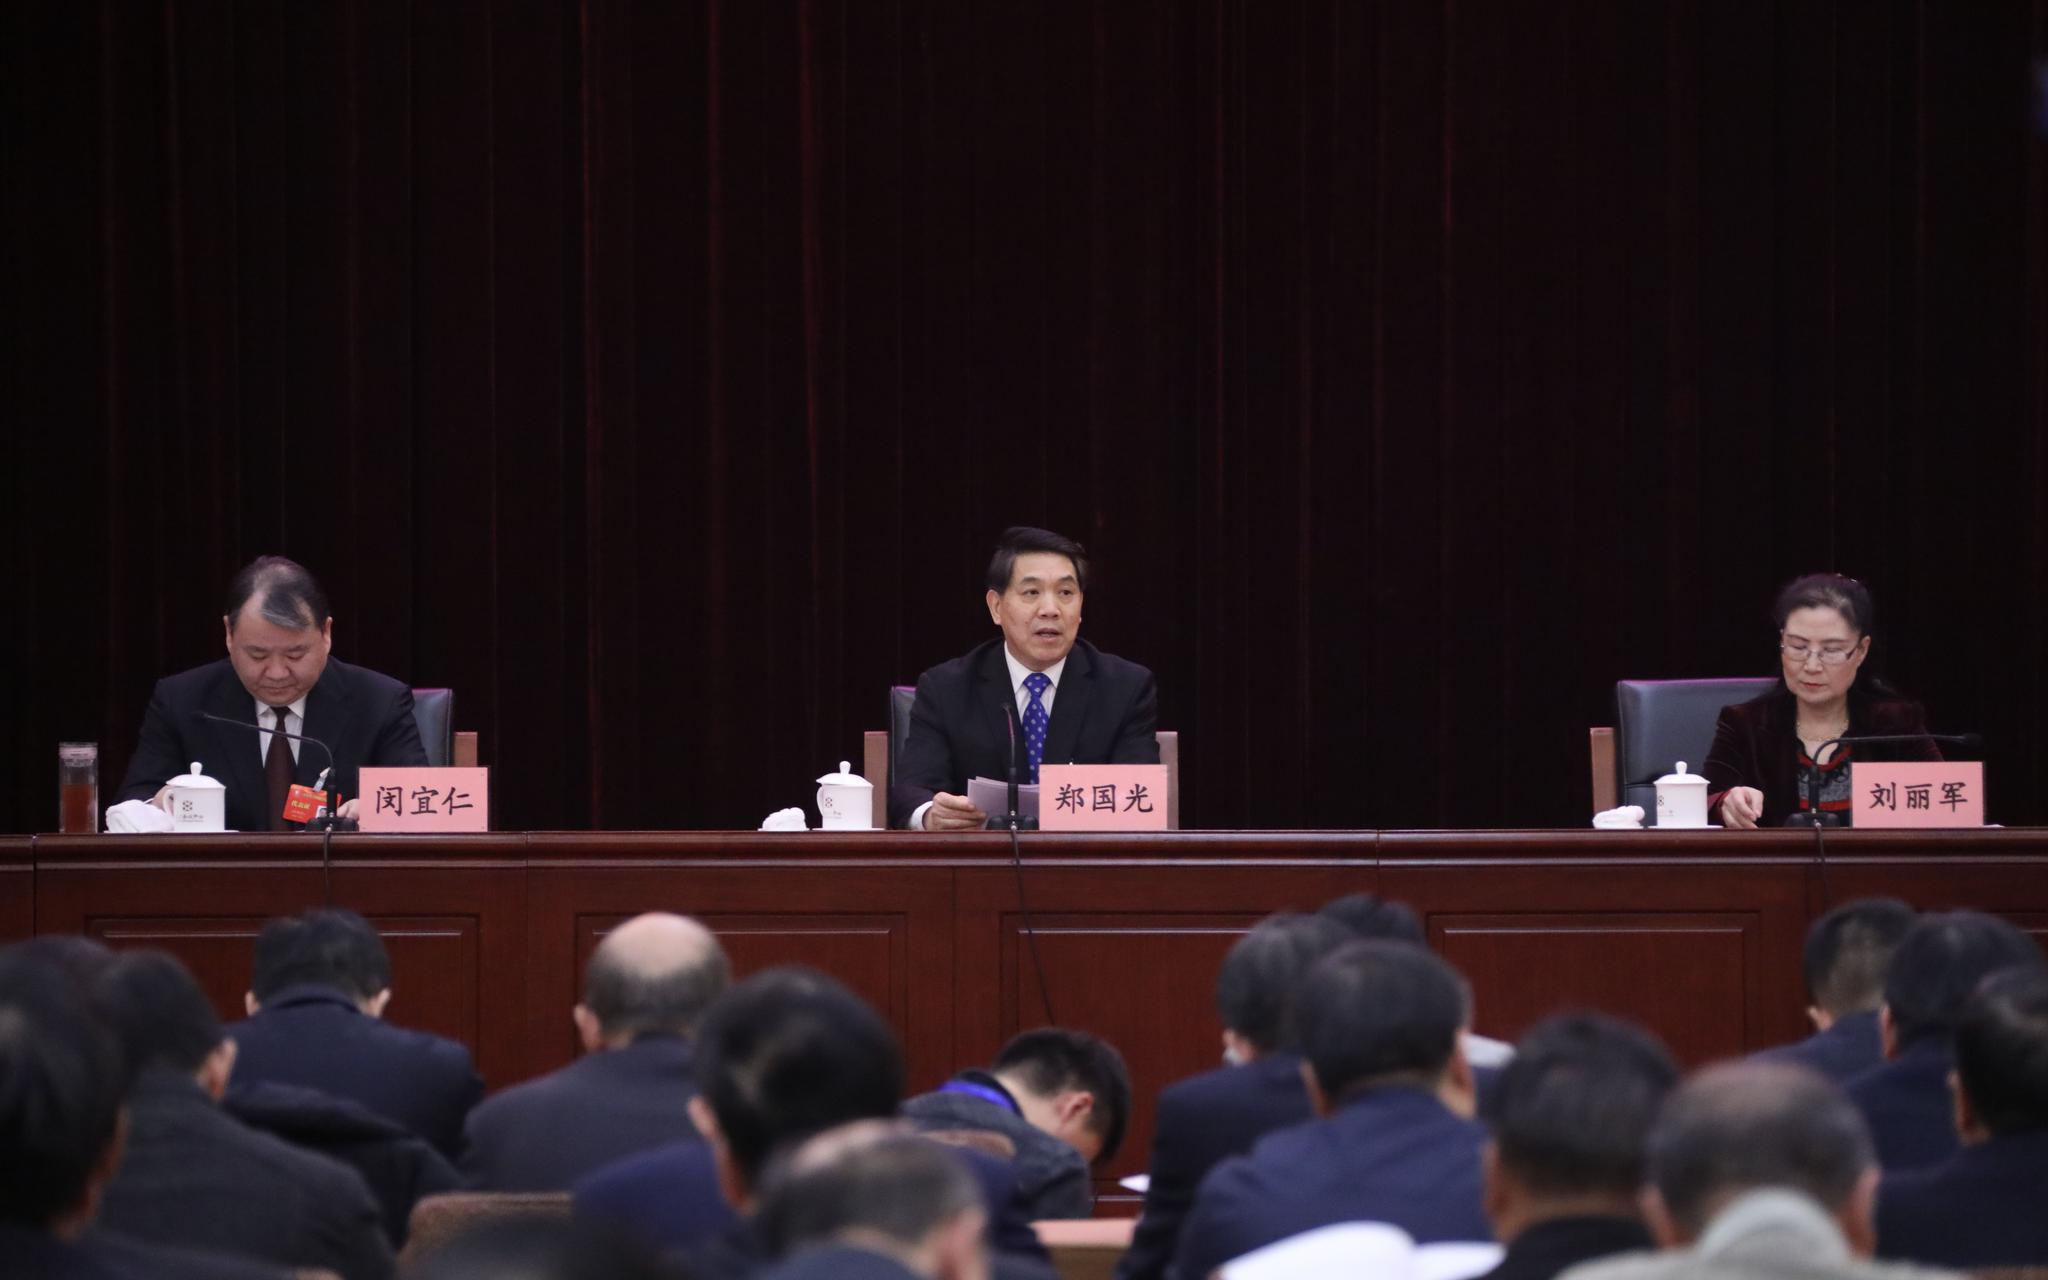 中国地震科学实验场今年召开首届国际学术年会图片